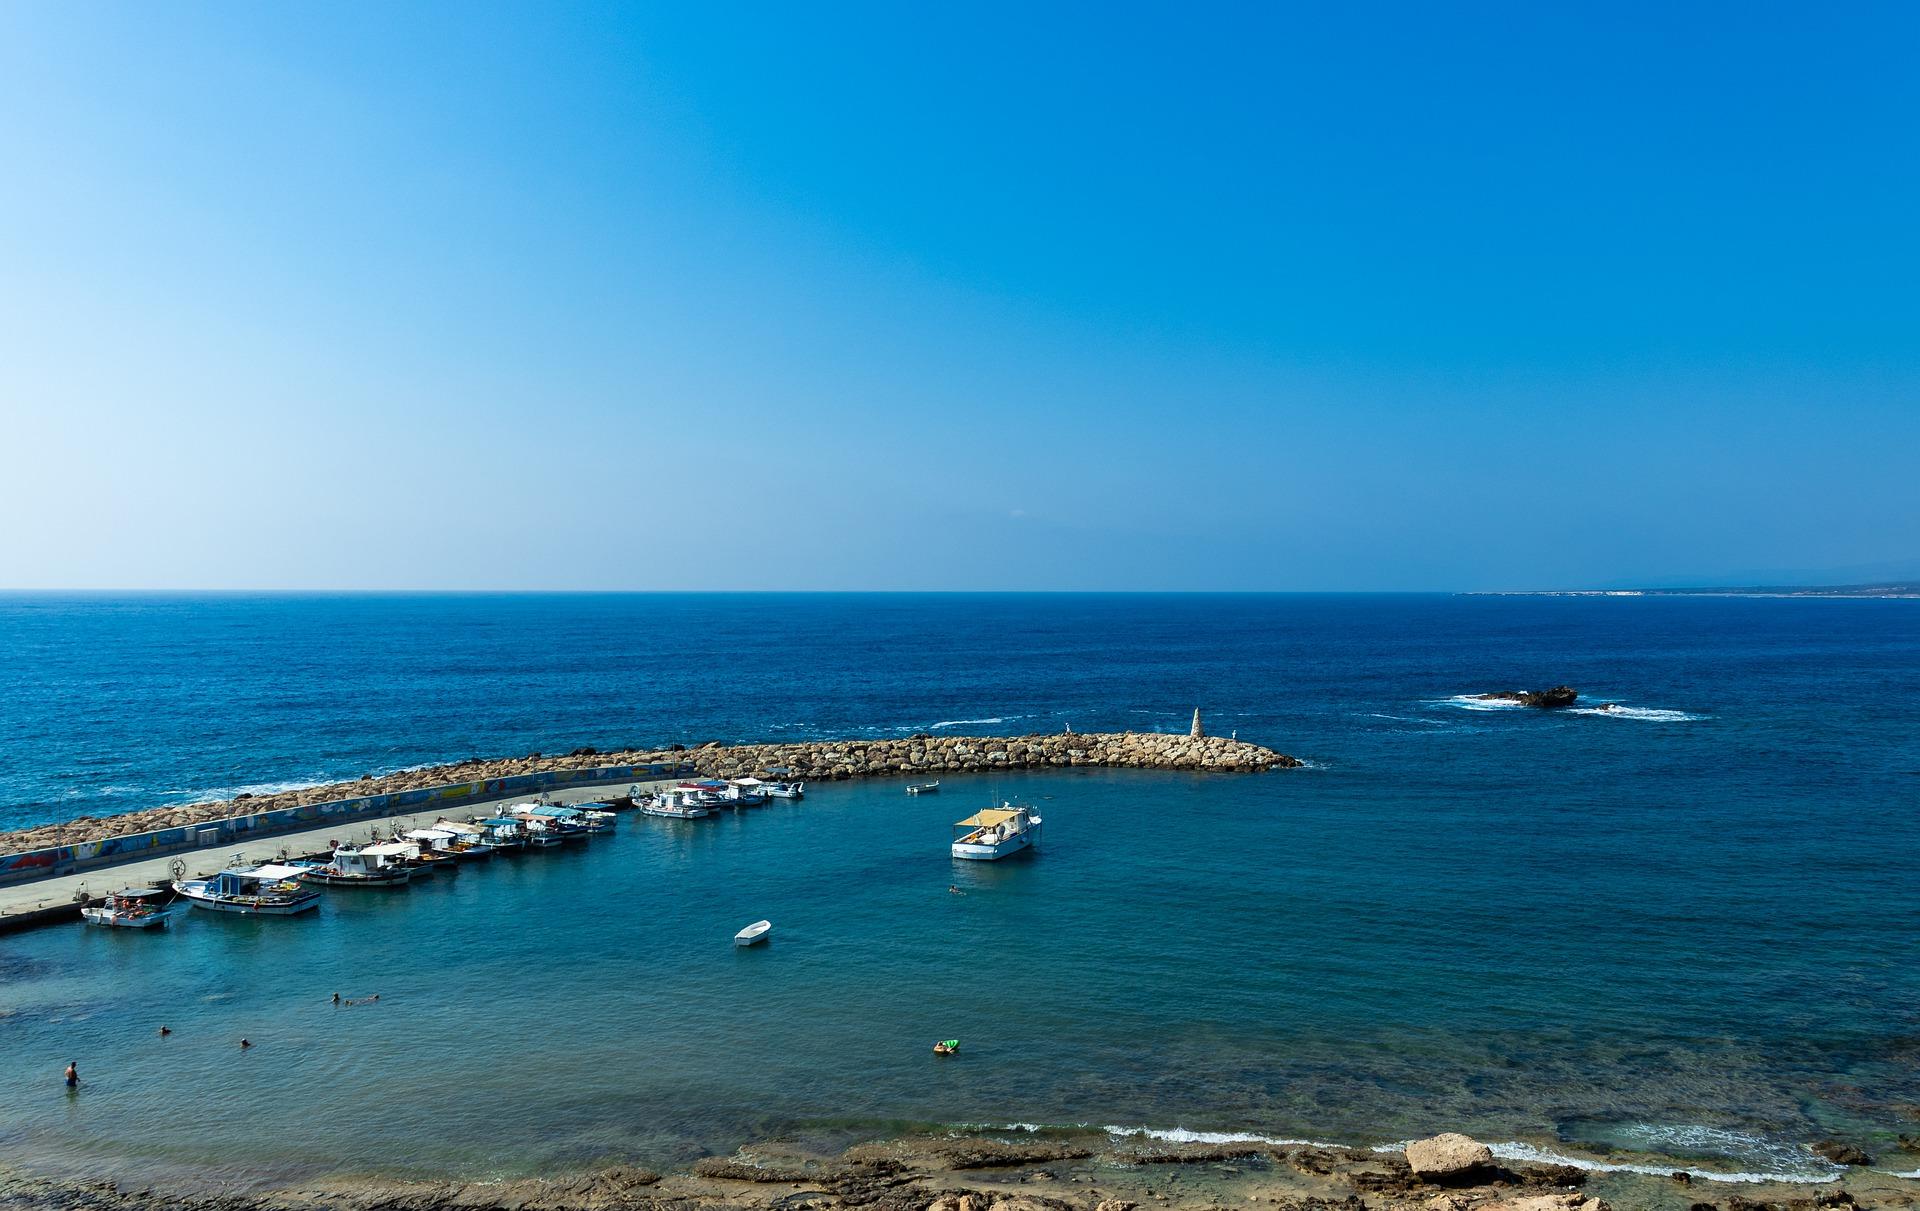 Zypern Pauschalreise - ab 180,48€ eine Woche 1